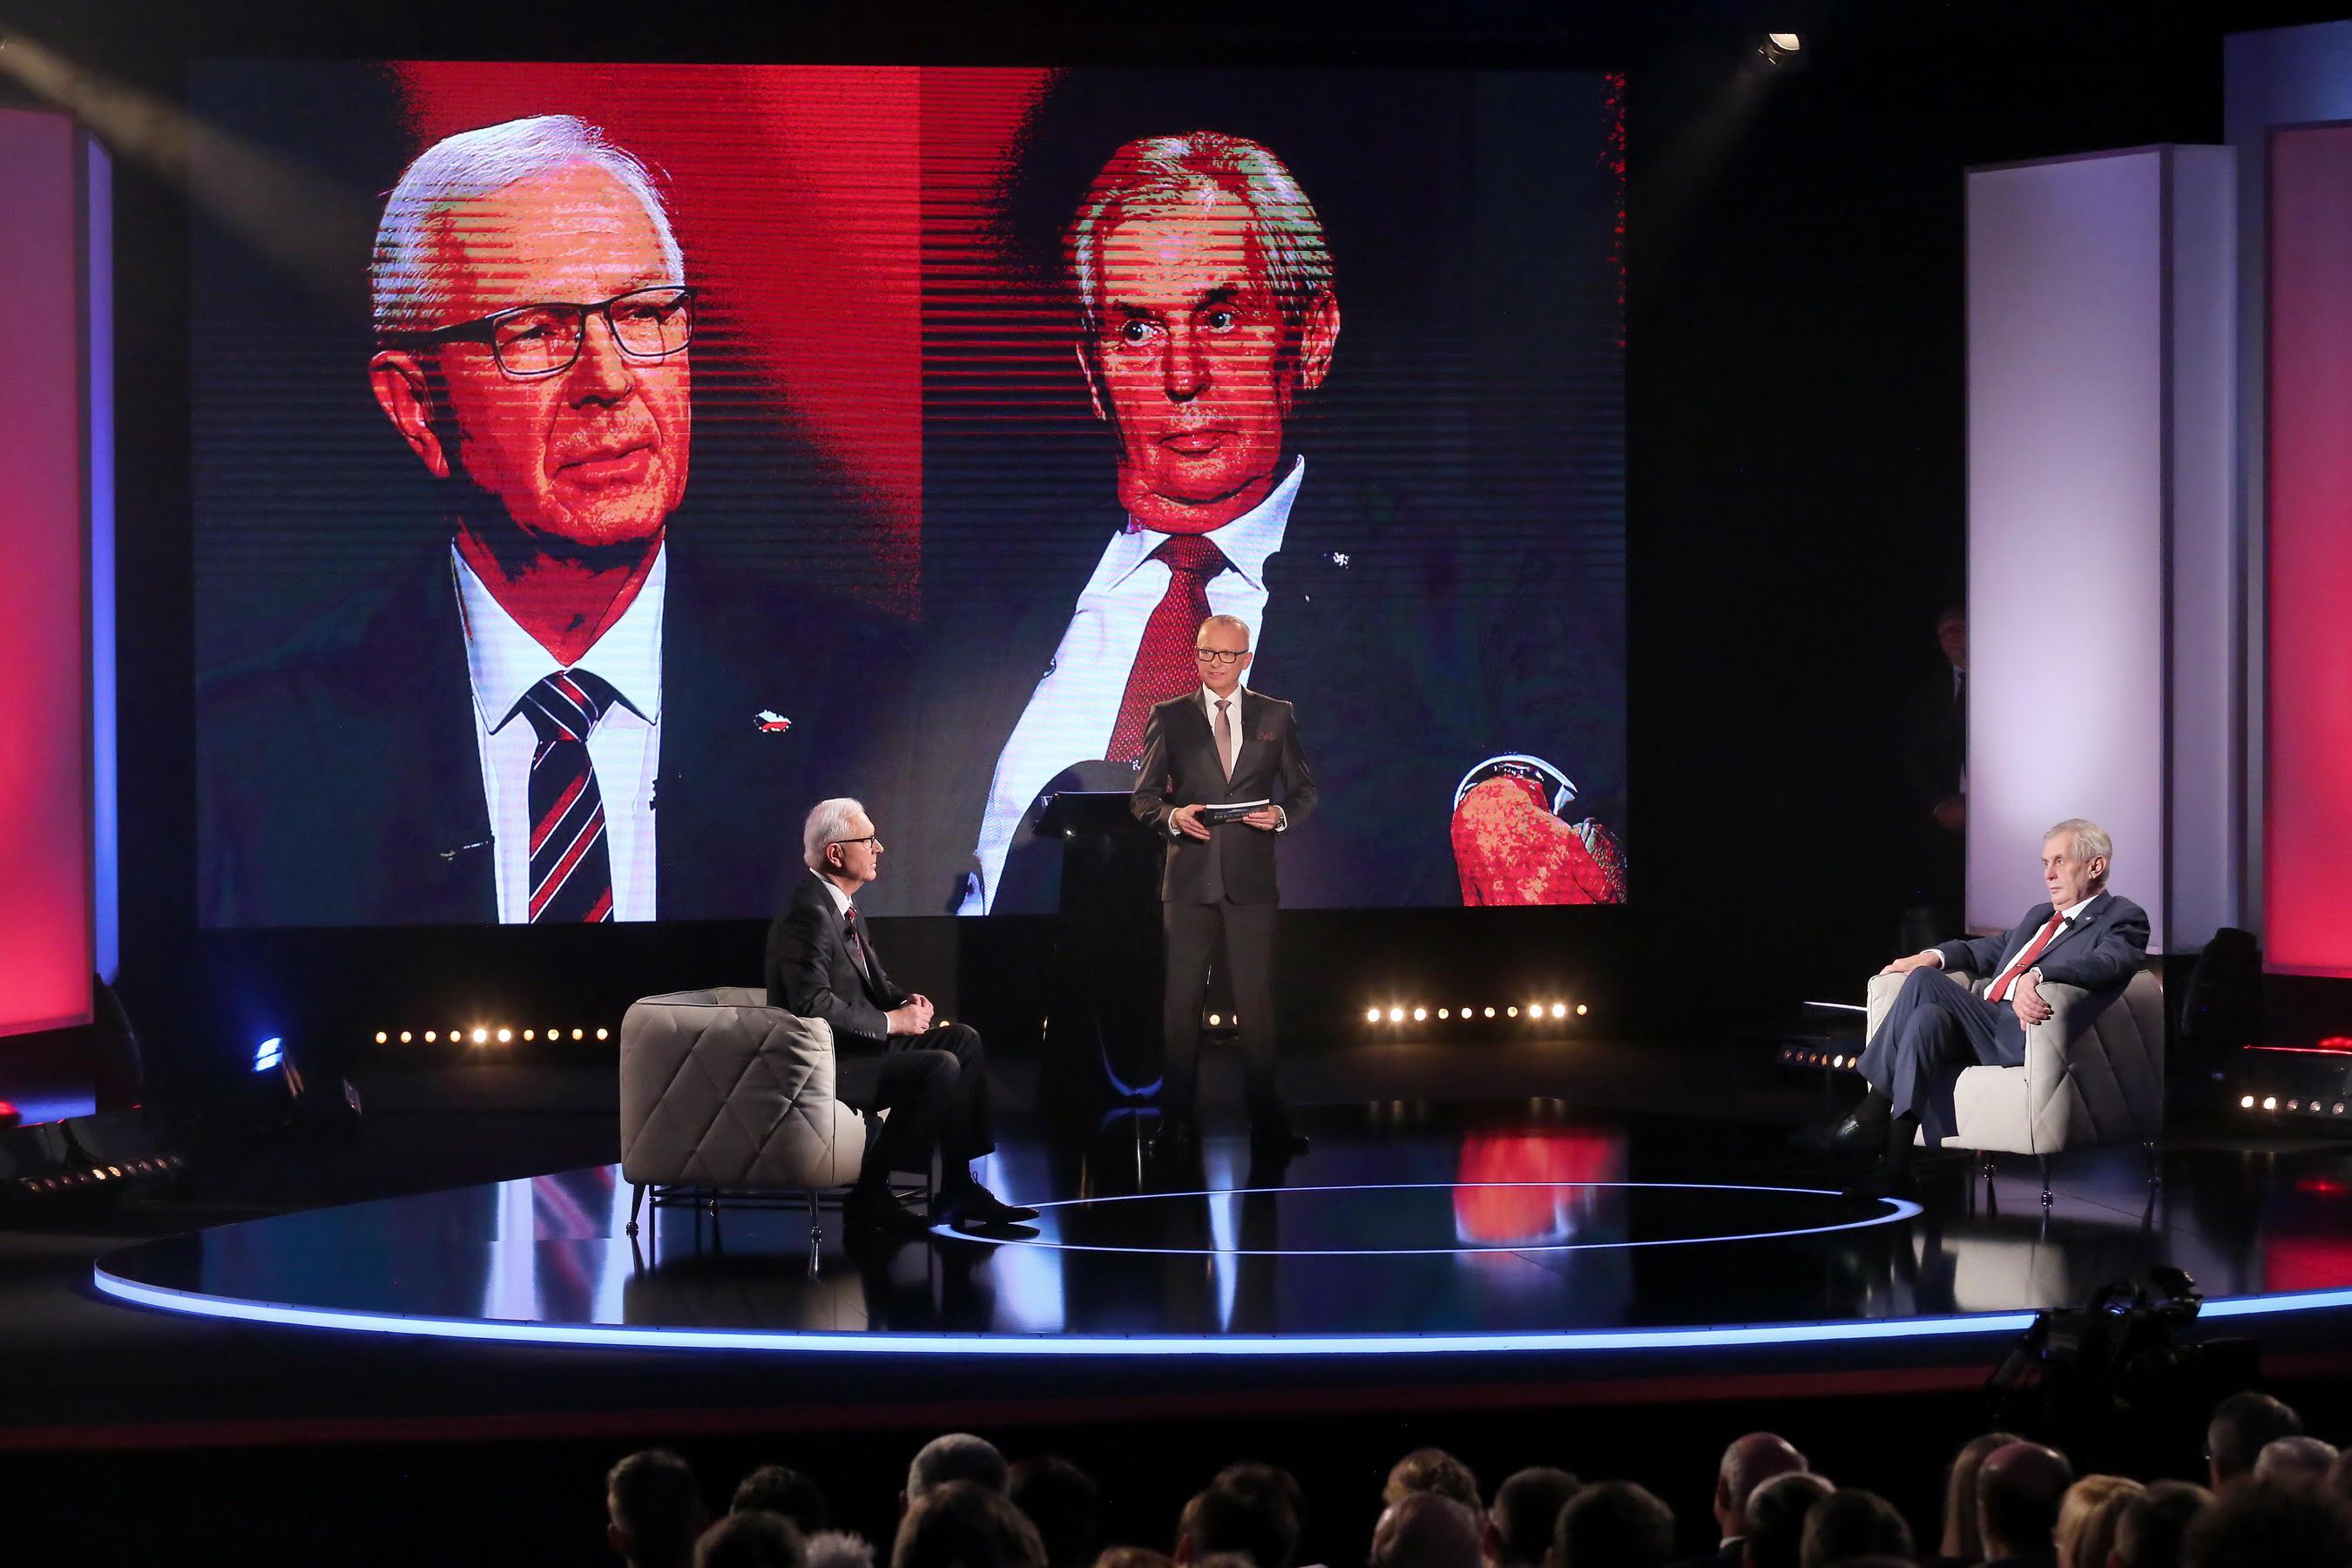 Česko hledá prezidenta - prezidentský duel na Primě